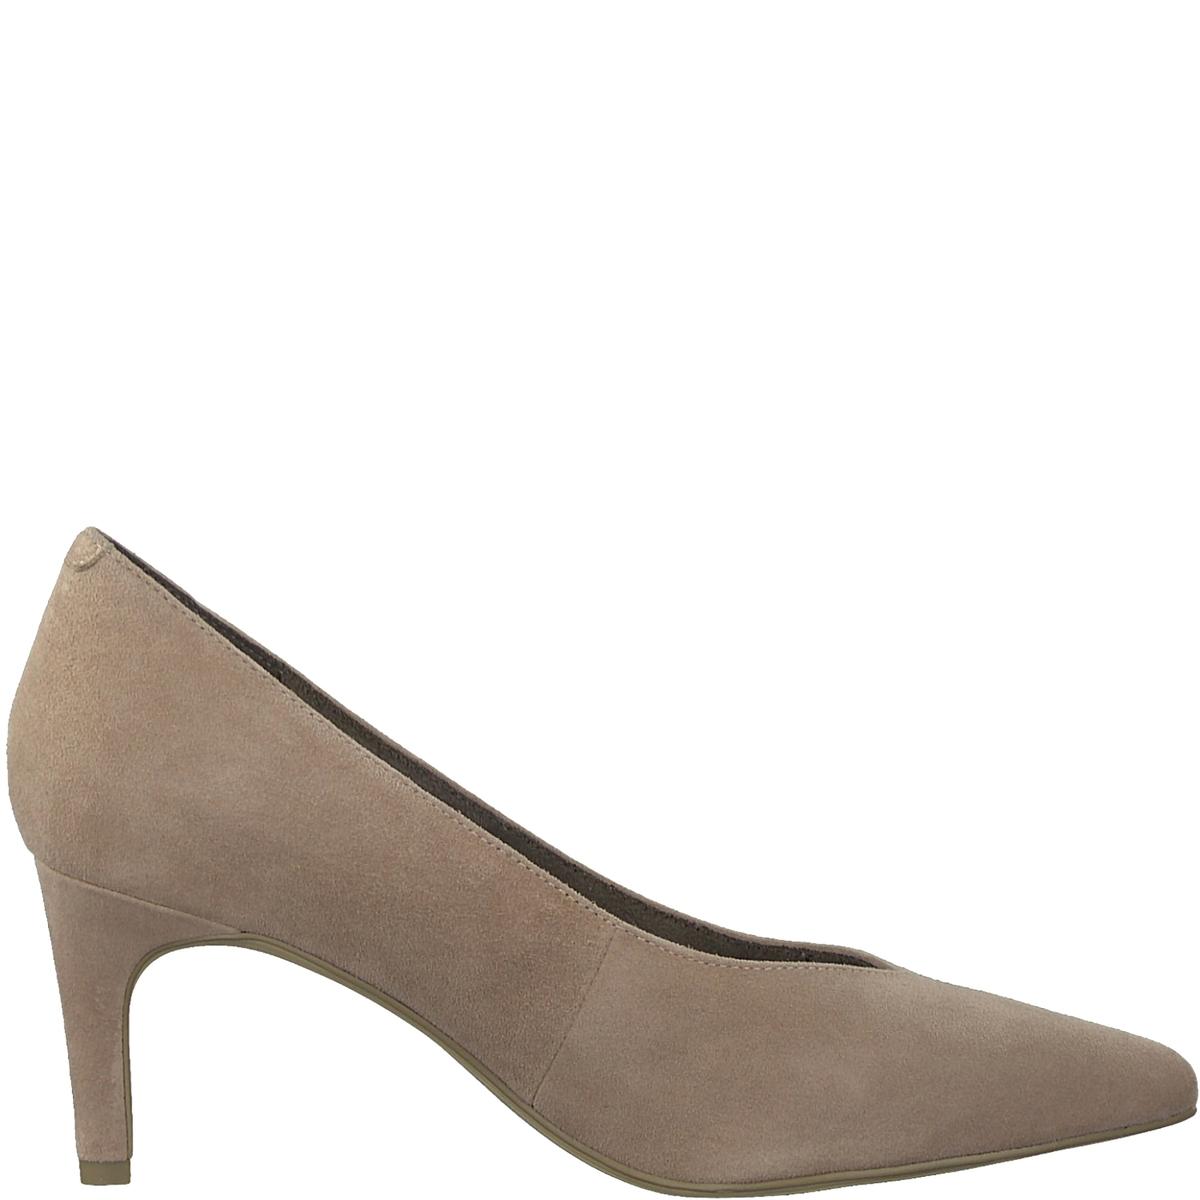 Туфли кожаные CabbageДетали •  Каблук-шпилька •  Высота каблука : 6,5 см •  Застежка : без застежки •  Заостренный мысокСостав и уход •  Верх 100% козья кожа •  Подкладка 50% синтетического материала, 50% текстиля •  Стелька 100% синтетический материал<br><br>Цвет: темно-розовый<br>Размер: 37.40